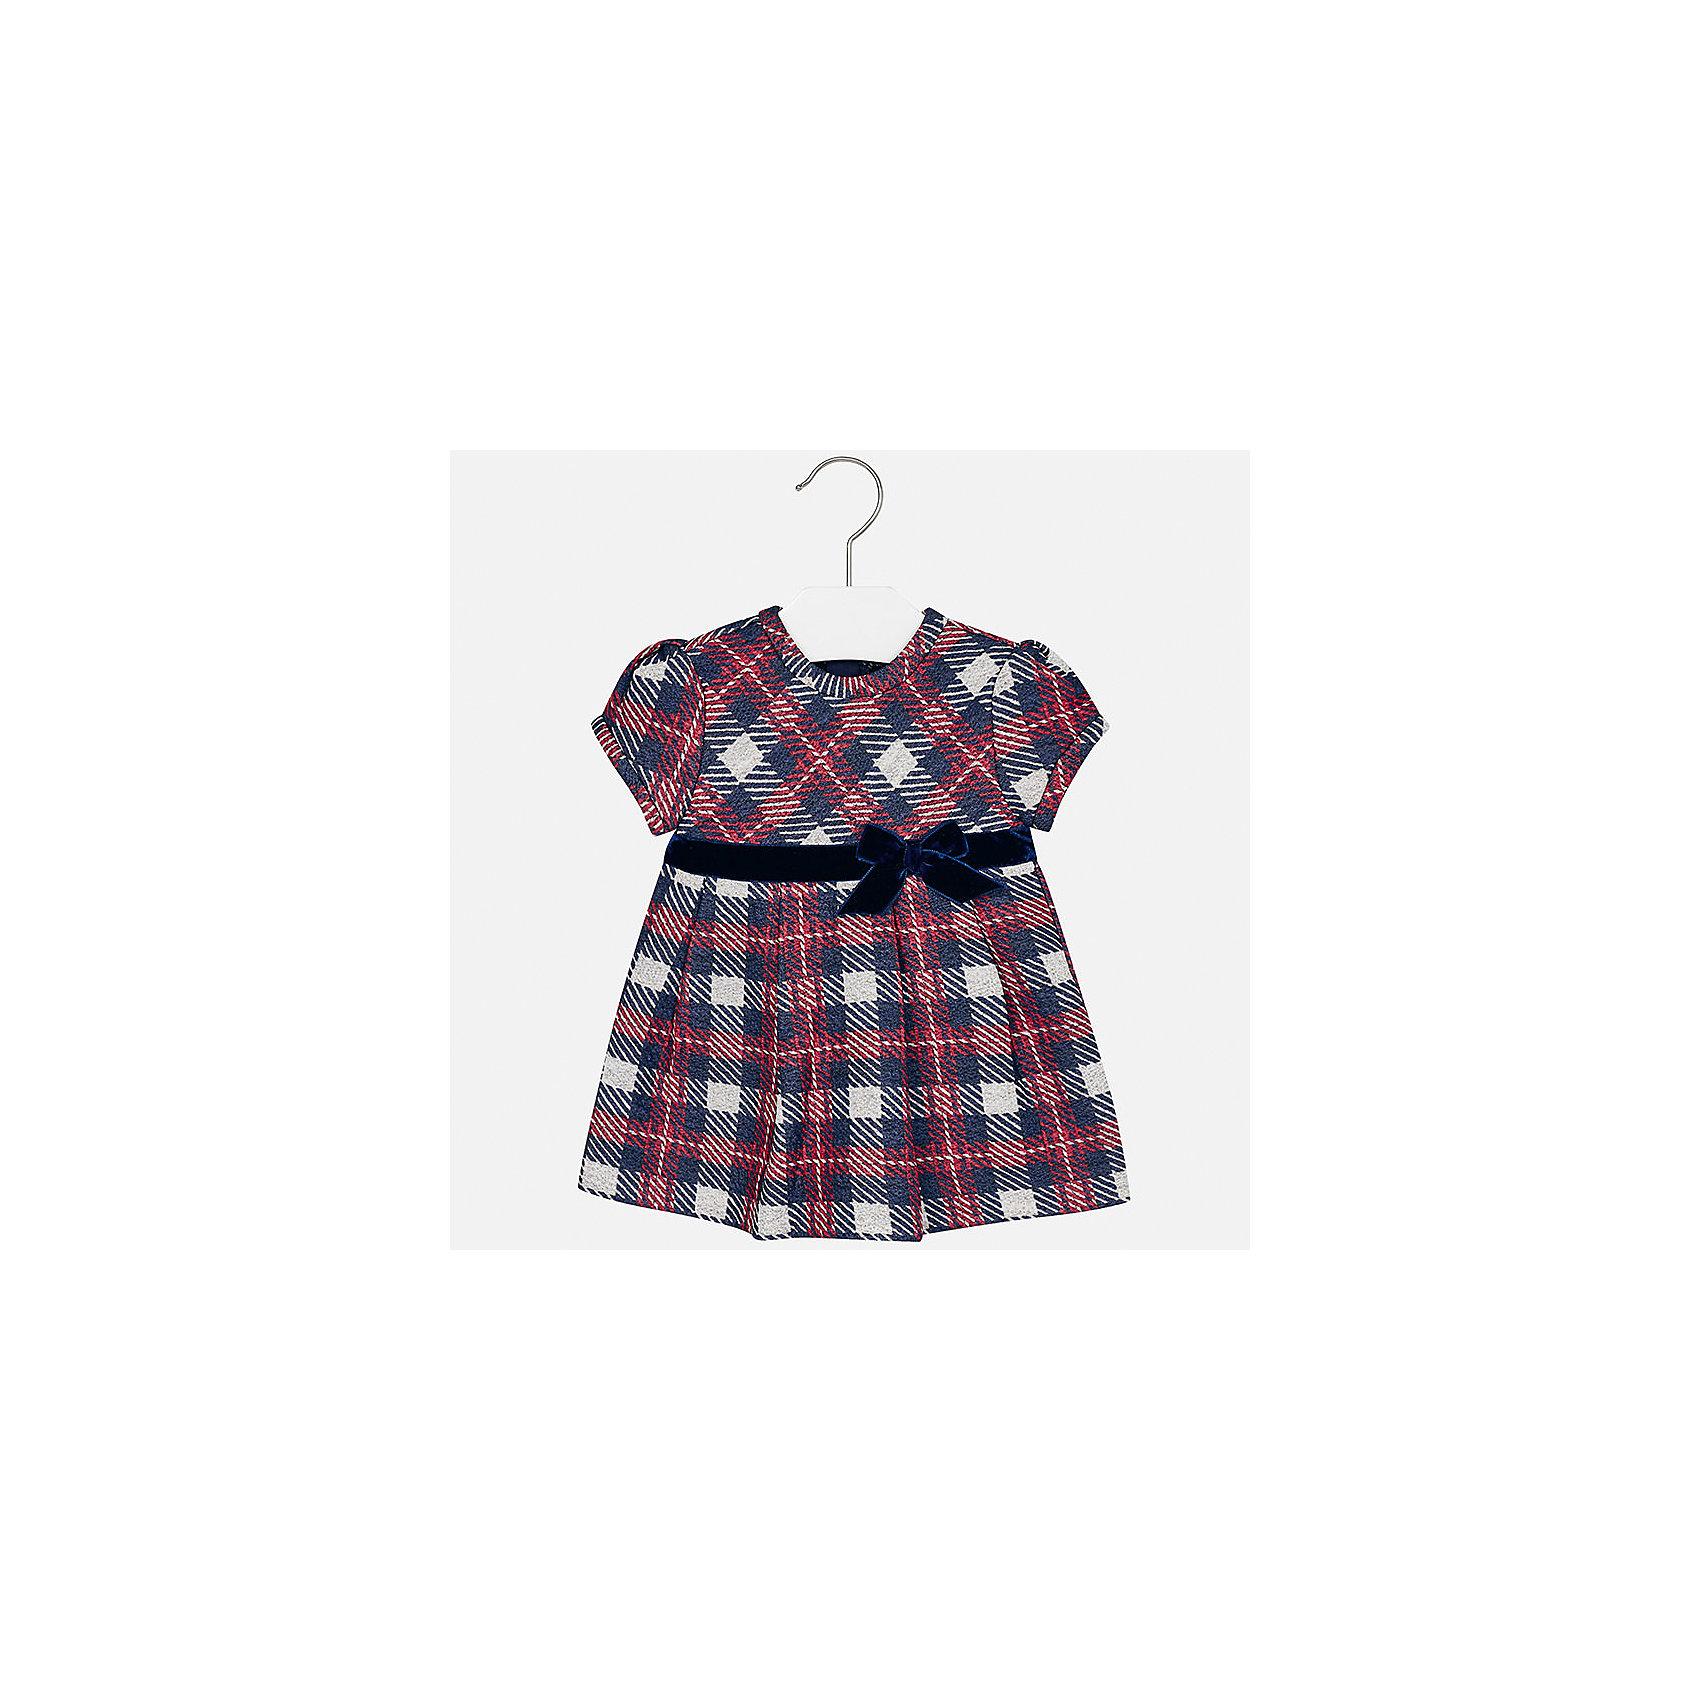 Платье Mayoral для девочкиОдежда<br>Характеристики товара:<br><br>• цвет: синий<br>• состав ткани: 85% хлопок, 15% полиэстер<br>• сезон: демисезон<br>• особенности: бант<br>• застежка: молния<br>• короткие рукава<br>• страна бренда: Испания<br>• страна изготовитель: Индия<br><br>Клетчатое платье для девочки от Майорал подарит ребенку комфорт. В симпатичном платье для девочки от Майорал ребенок будет выглядеть модно, а чувствовать себя - комфортно. Детское платье отличается модным и продуманным дизайном. <br><br>Платье для девочки Mayoral (Майорал) можно купить в нашем интернет-магазине.<br><br>Ширина мм: 236<br>Глубина мм: 16<br>Высота мм: 184<br>Вес г: 177<br>Цвет: синий<br>Возраст от месяцев: 24<br>Возраст до месяцев: 36<br>Пол: Женский<br>Возраст: Детский<br>Размер: 98,74,80,86,92<br>SKU: 6920747